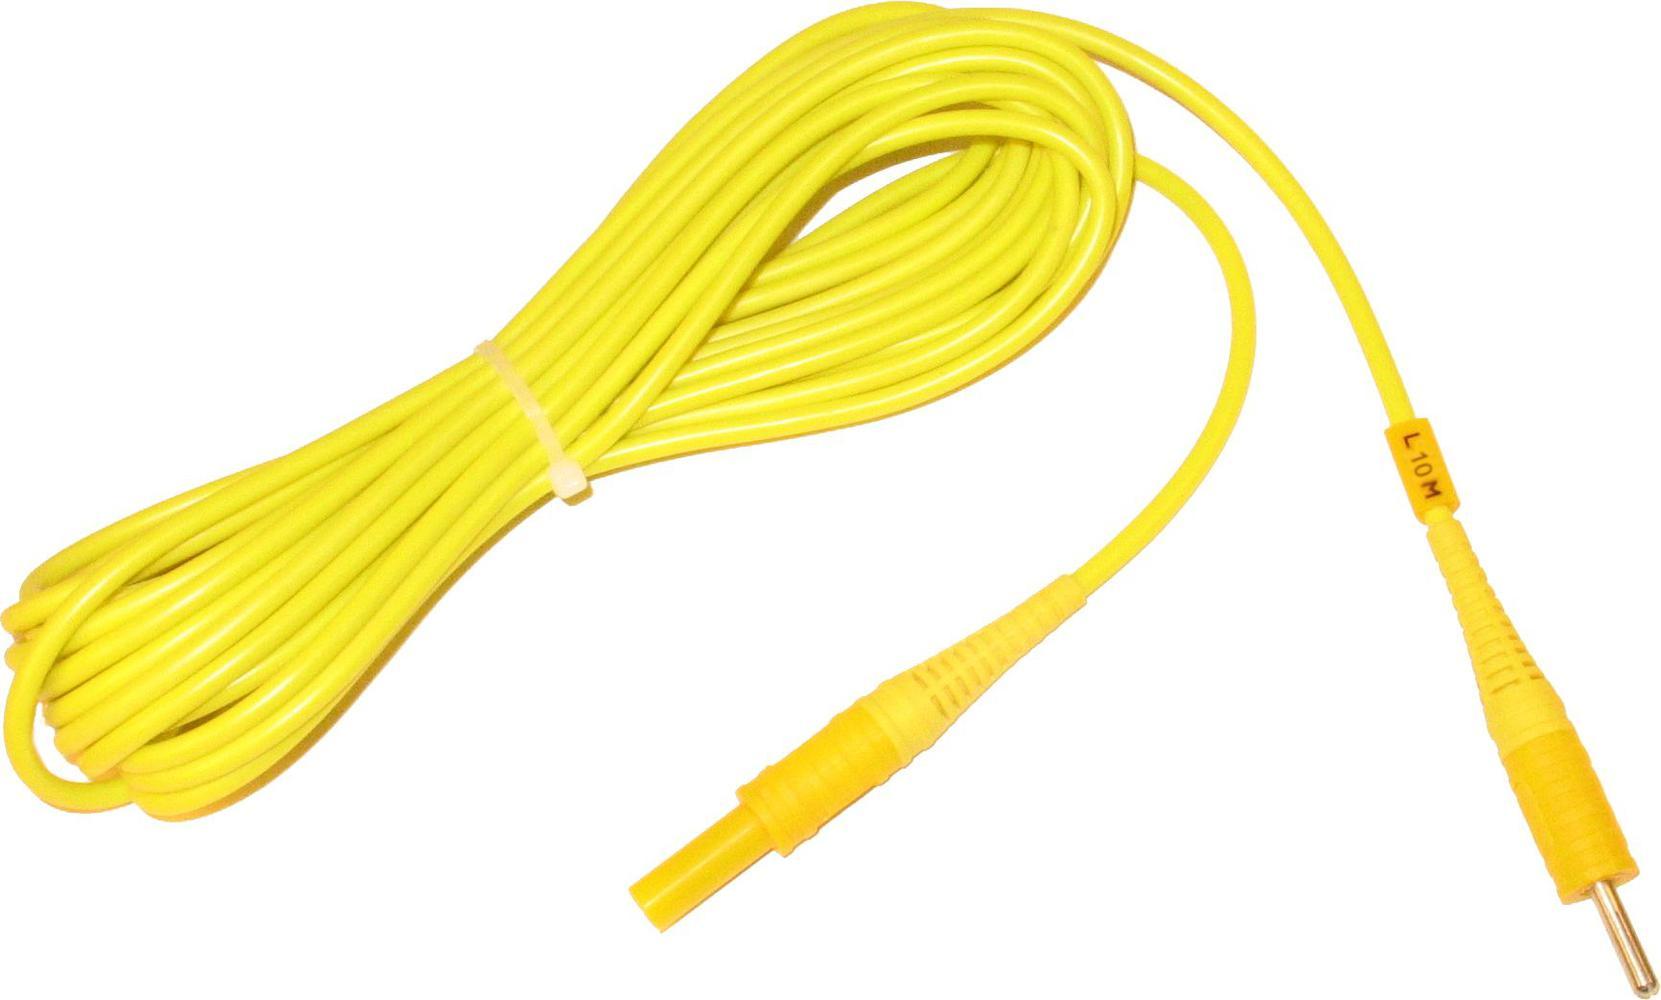 Przewód 10 m żółty zakończony wtykami bananowymi